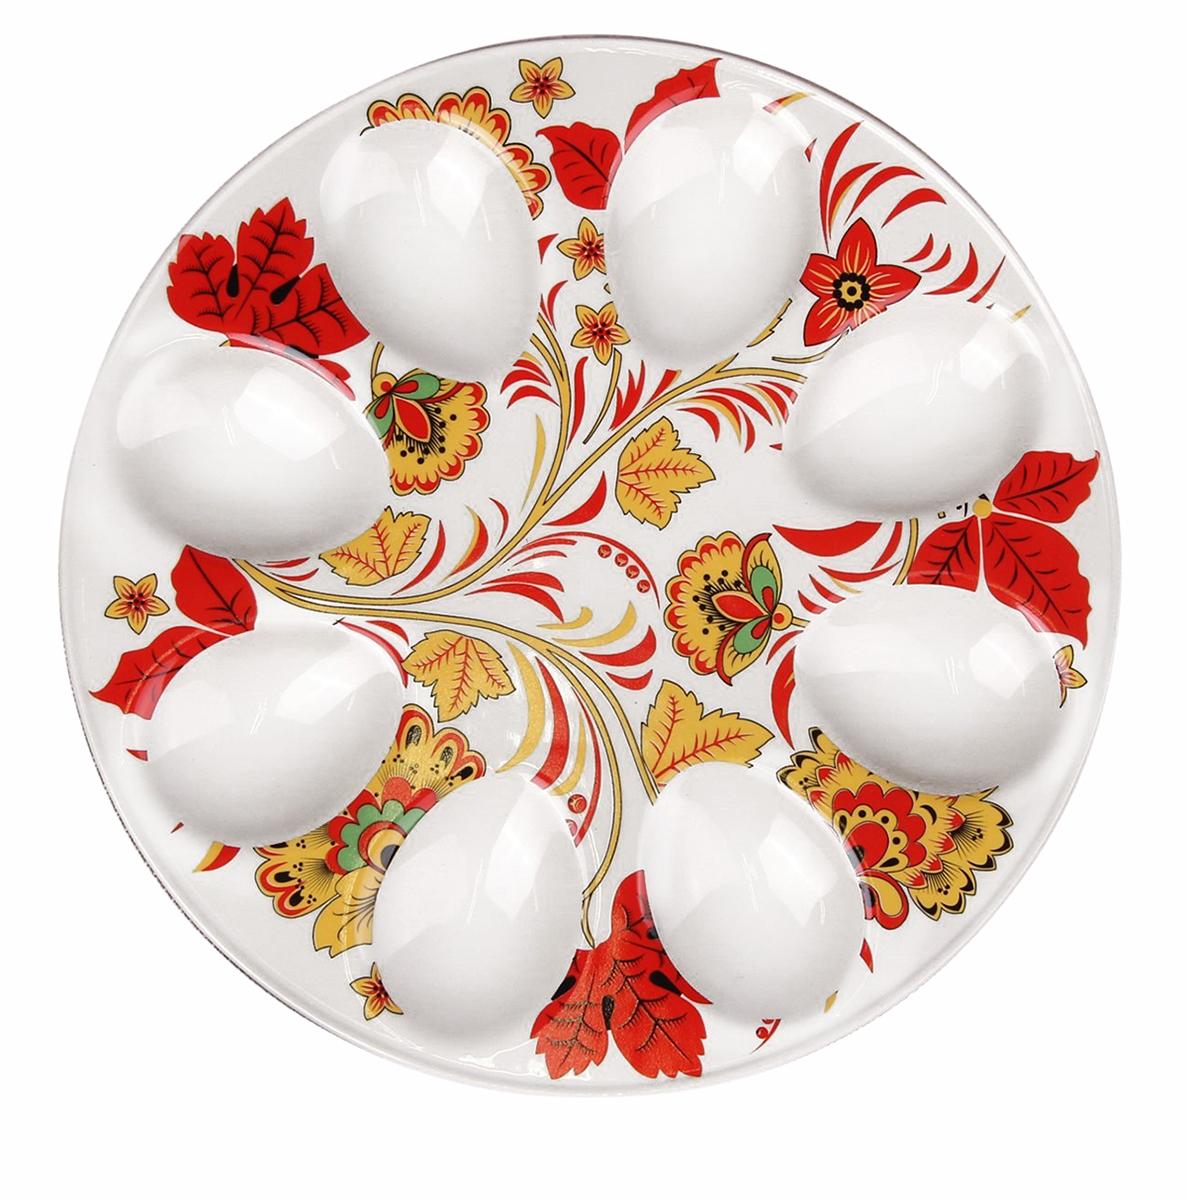 Подставка для яйца Доляна Жар птица, 20 х 2 см. 25322112532211От качества посуды зависит не только вкус еды, но и здоровье человека. Подставка для яиц Жар птица — товар, соответствующий российским стандартам качества. Любой хозяйке будет приятно держать его в руках. С данной посудой и кухонной утварью приготовление еды и сервировка стола превратятся в настоящий праздник.